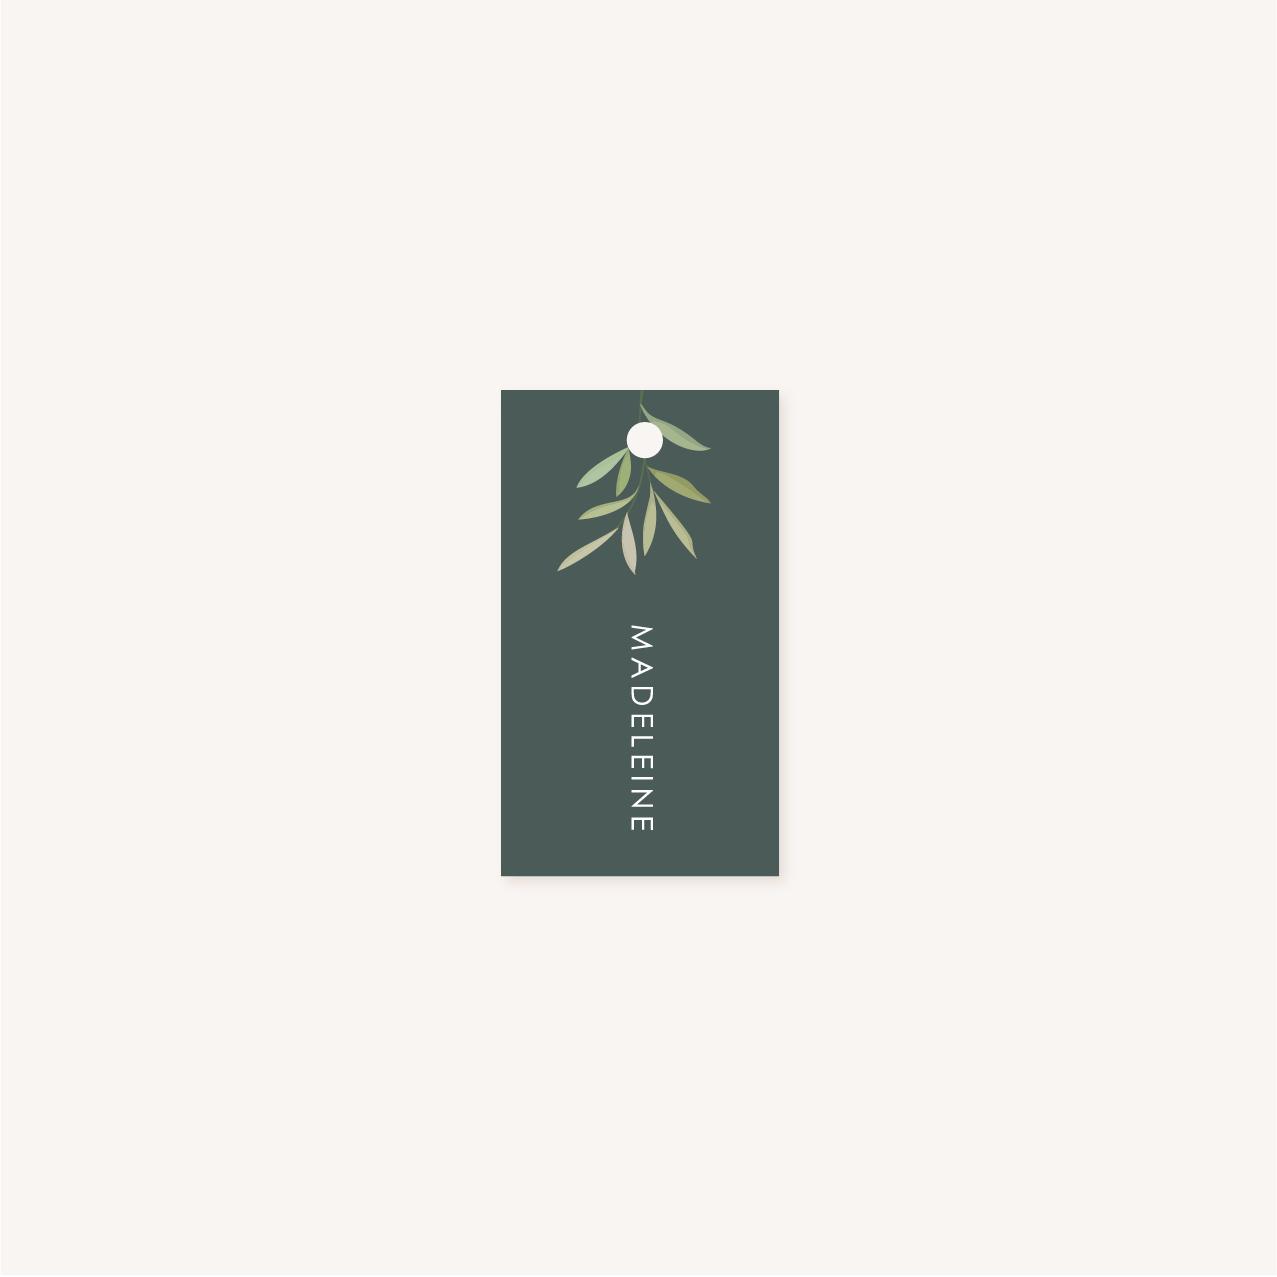 Étiquette personnalisée vert foncé perforée mariage végétal feuille eucalyptus